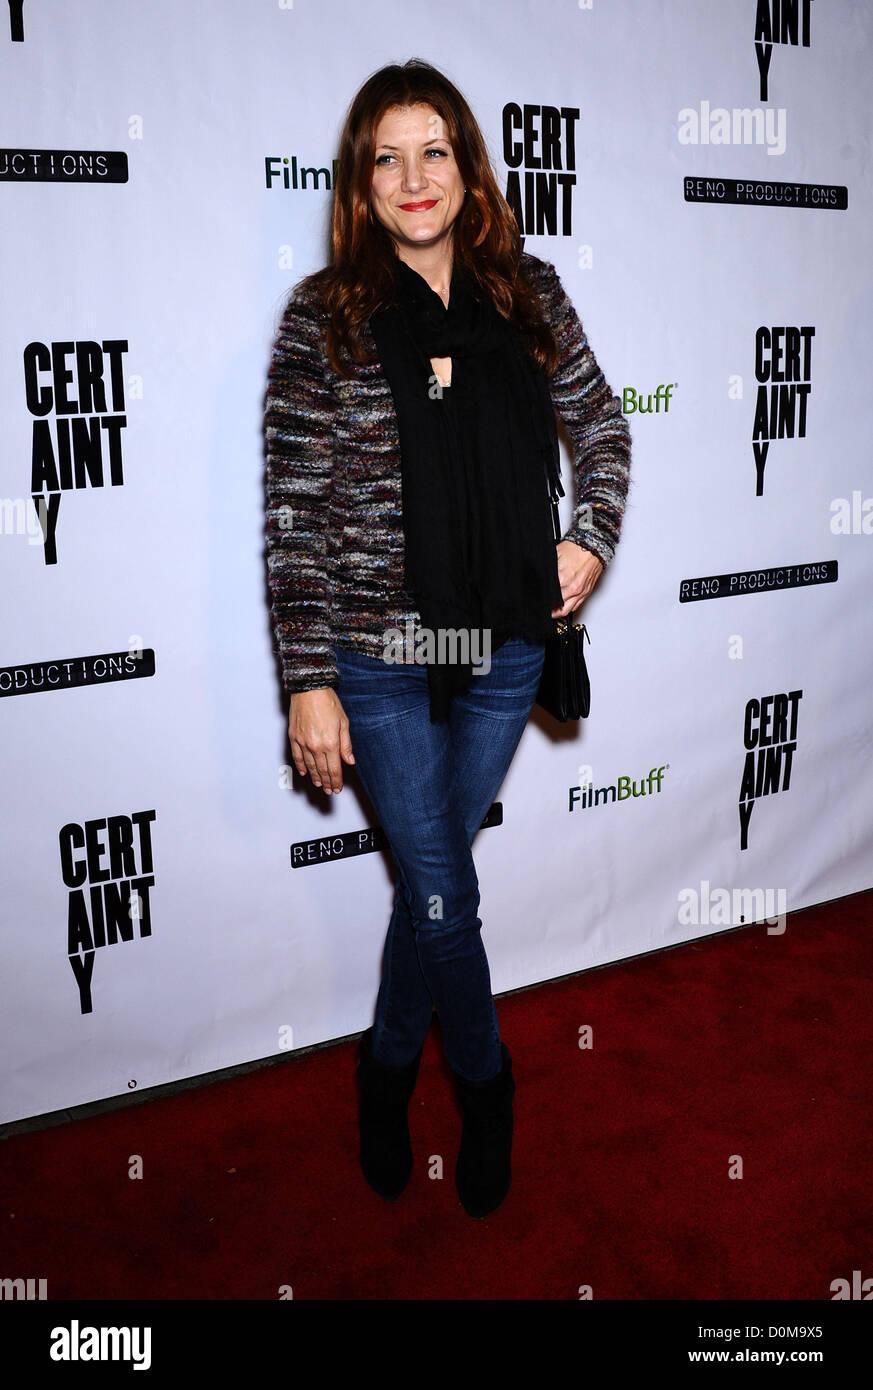 El 26 de noviembre, 2012 - Beverly Hills, California, EE.UU. - Kate Walsh llega para el estreno de la película Imagen De Stock